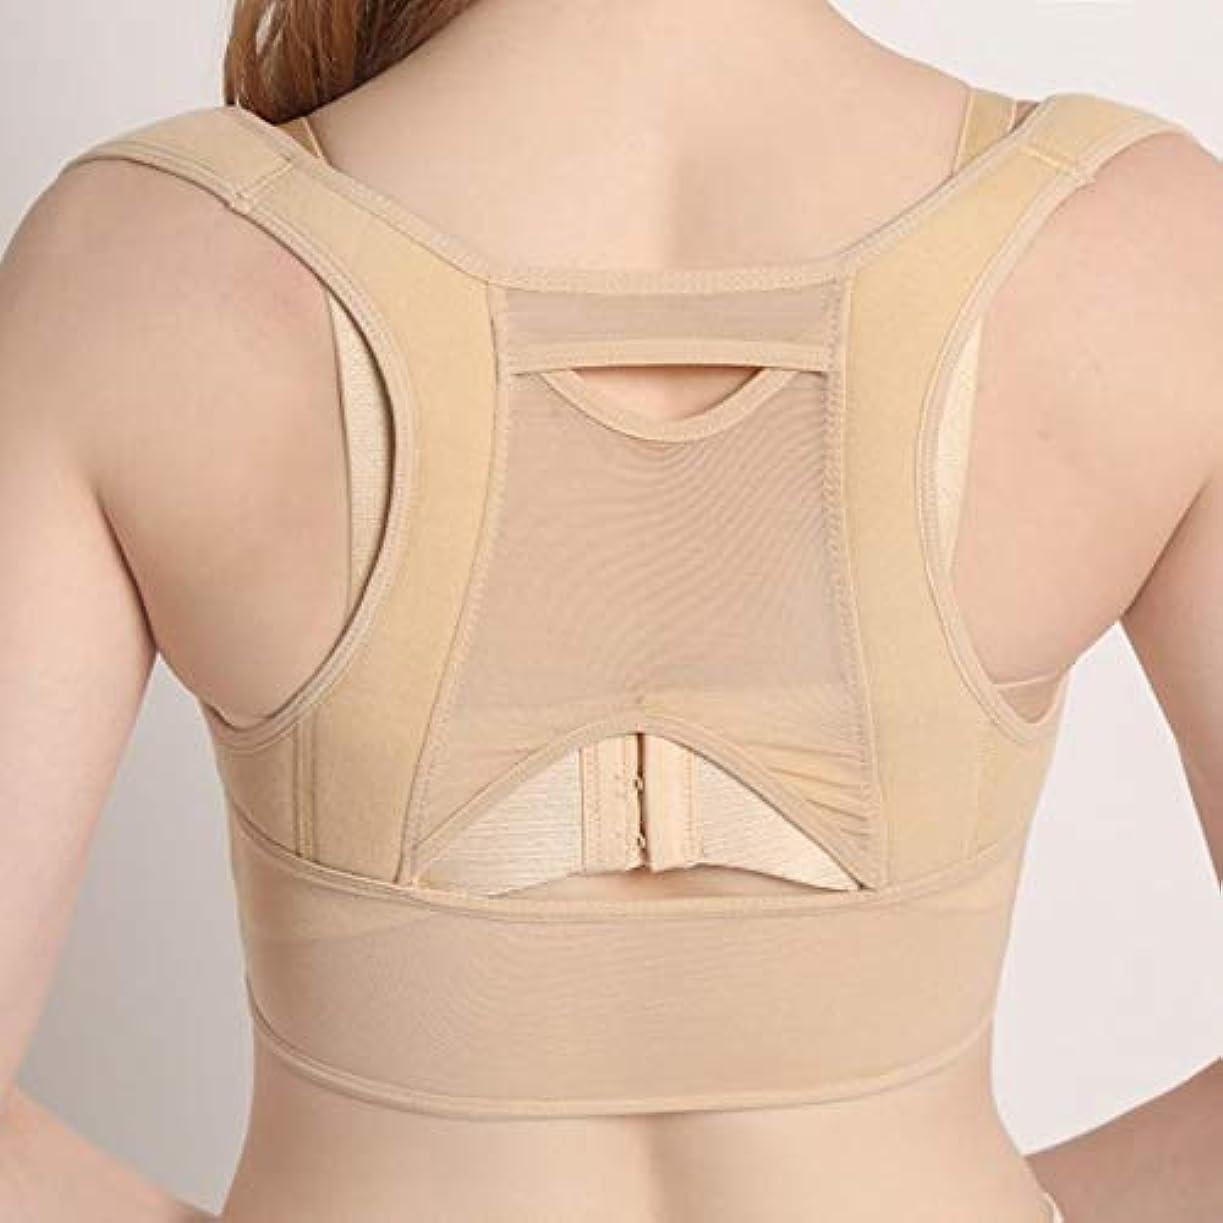 二週間動詞絡み合い通気性のある女性の背中の姿勢矯正コルセット整形外科の肩の背骨の姿勢矯正腰椎サポート - ベージュホワイトM